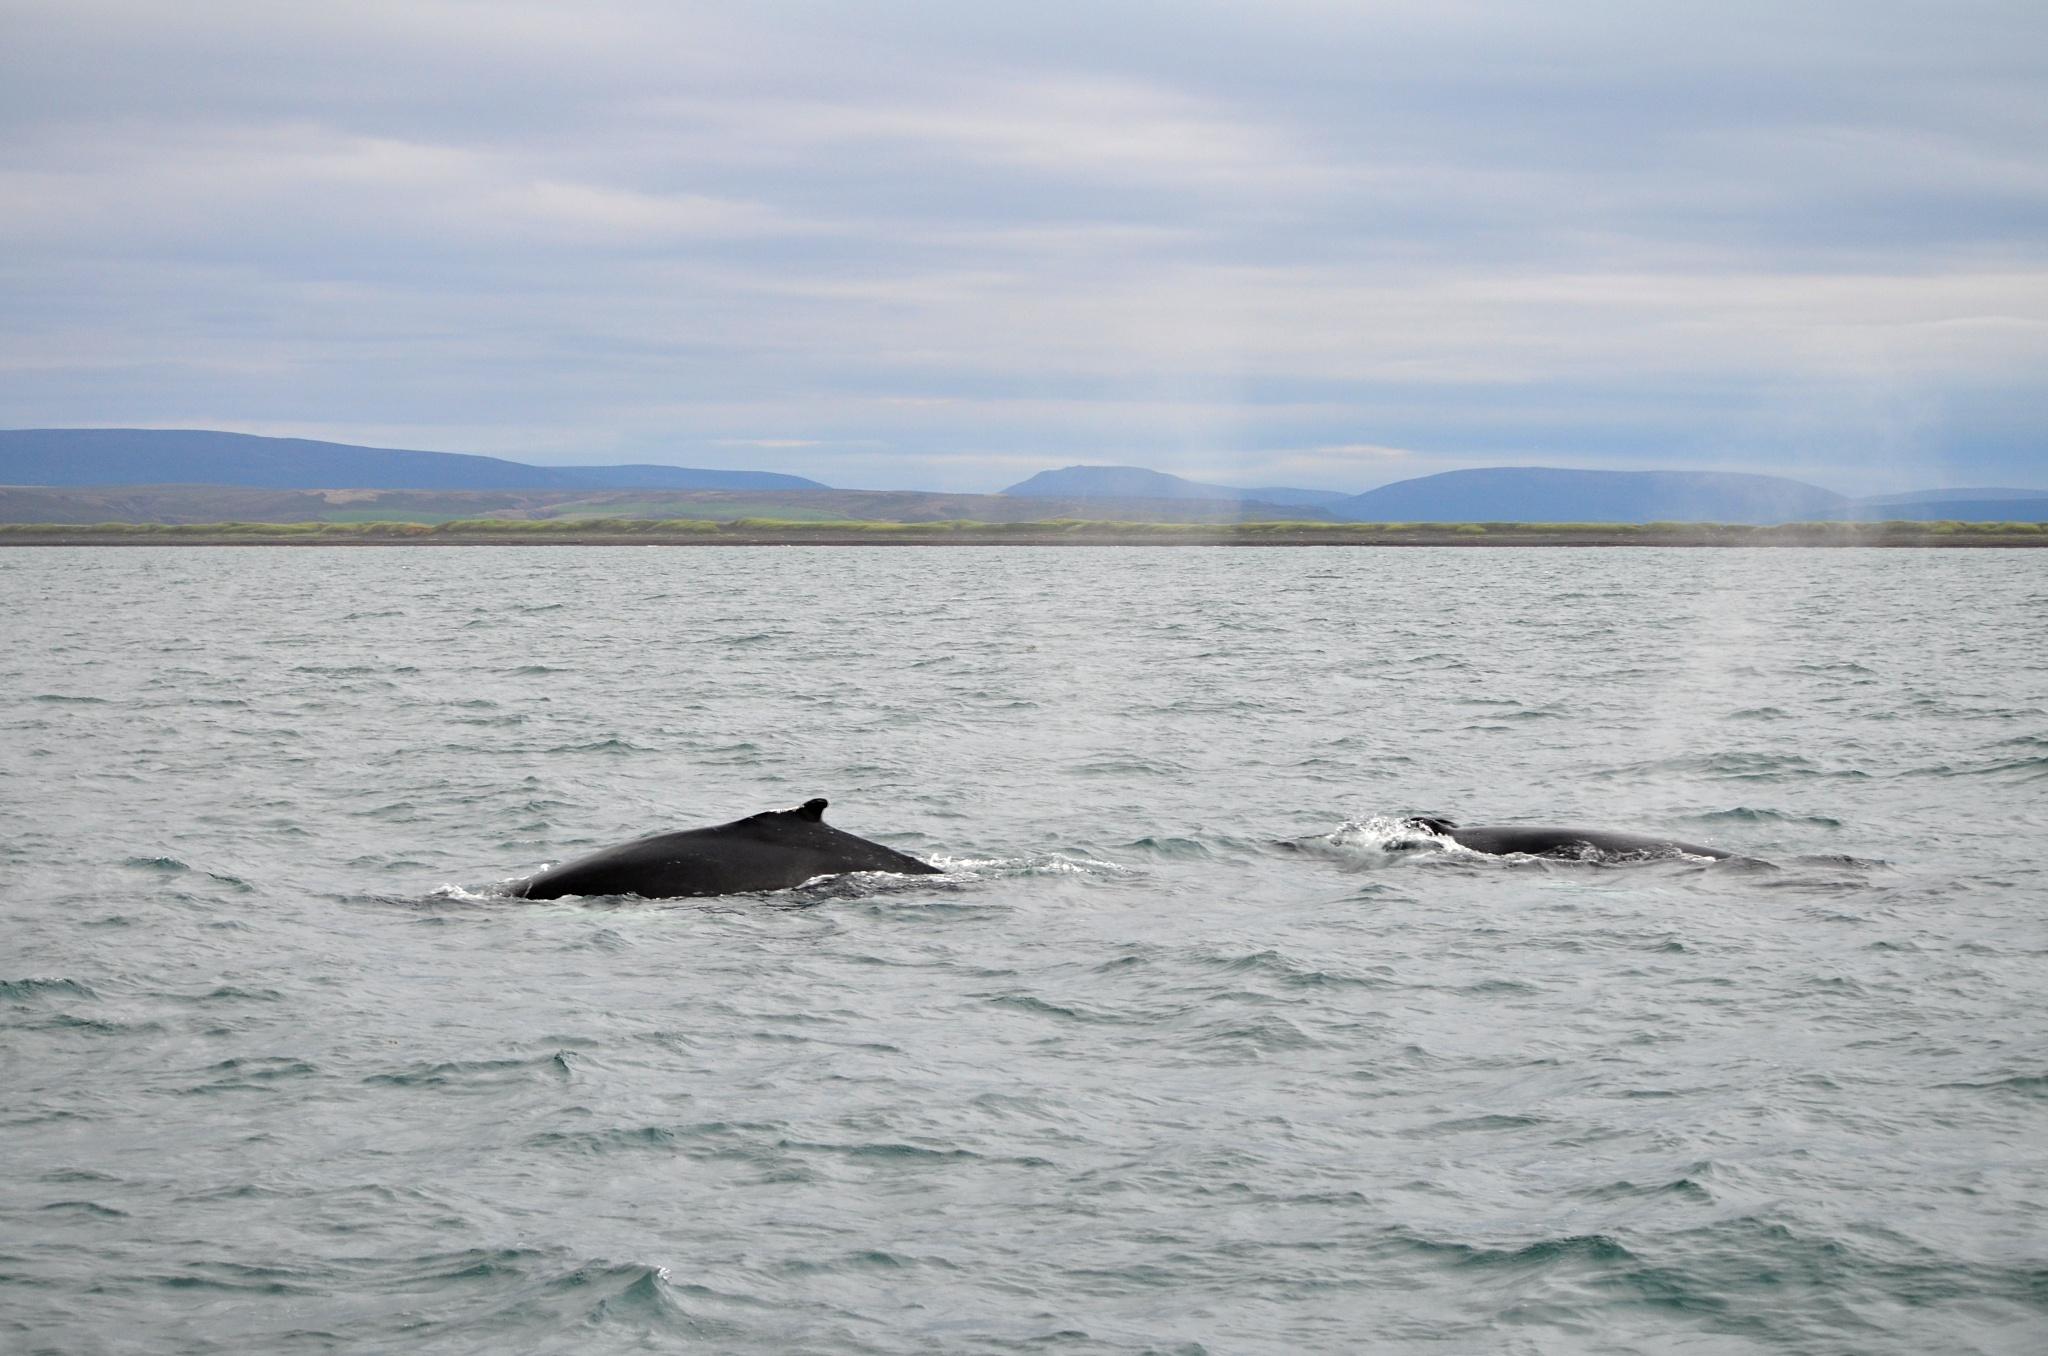 Dvojice vyfukujících velryb, asi Keporkaků